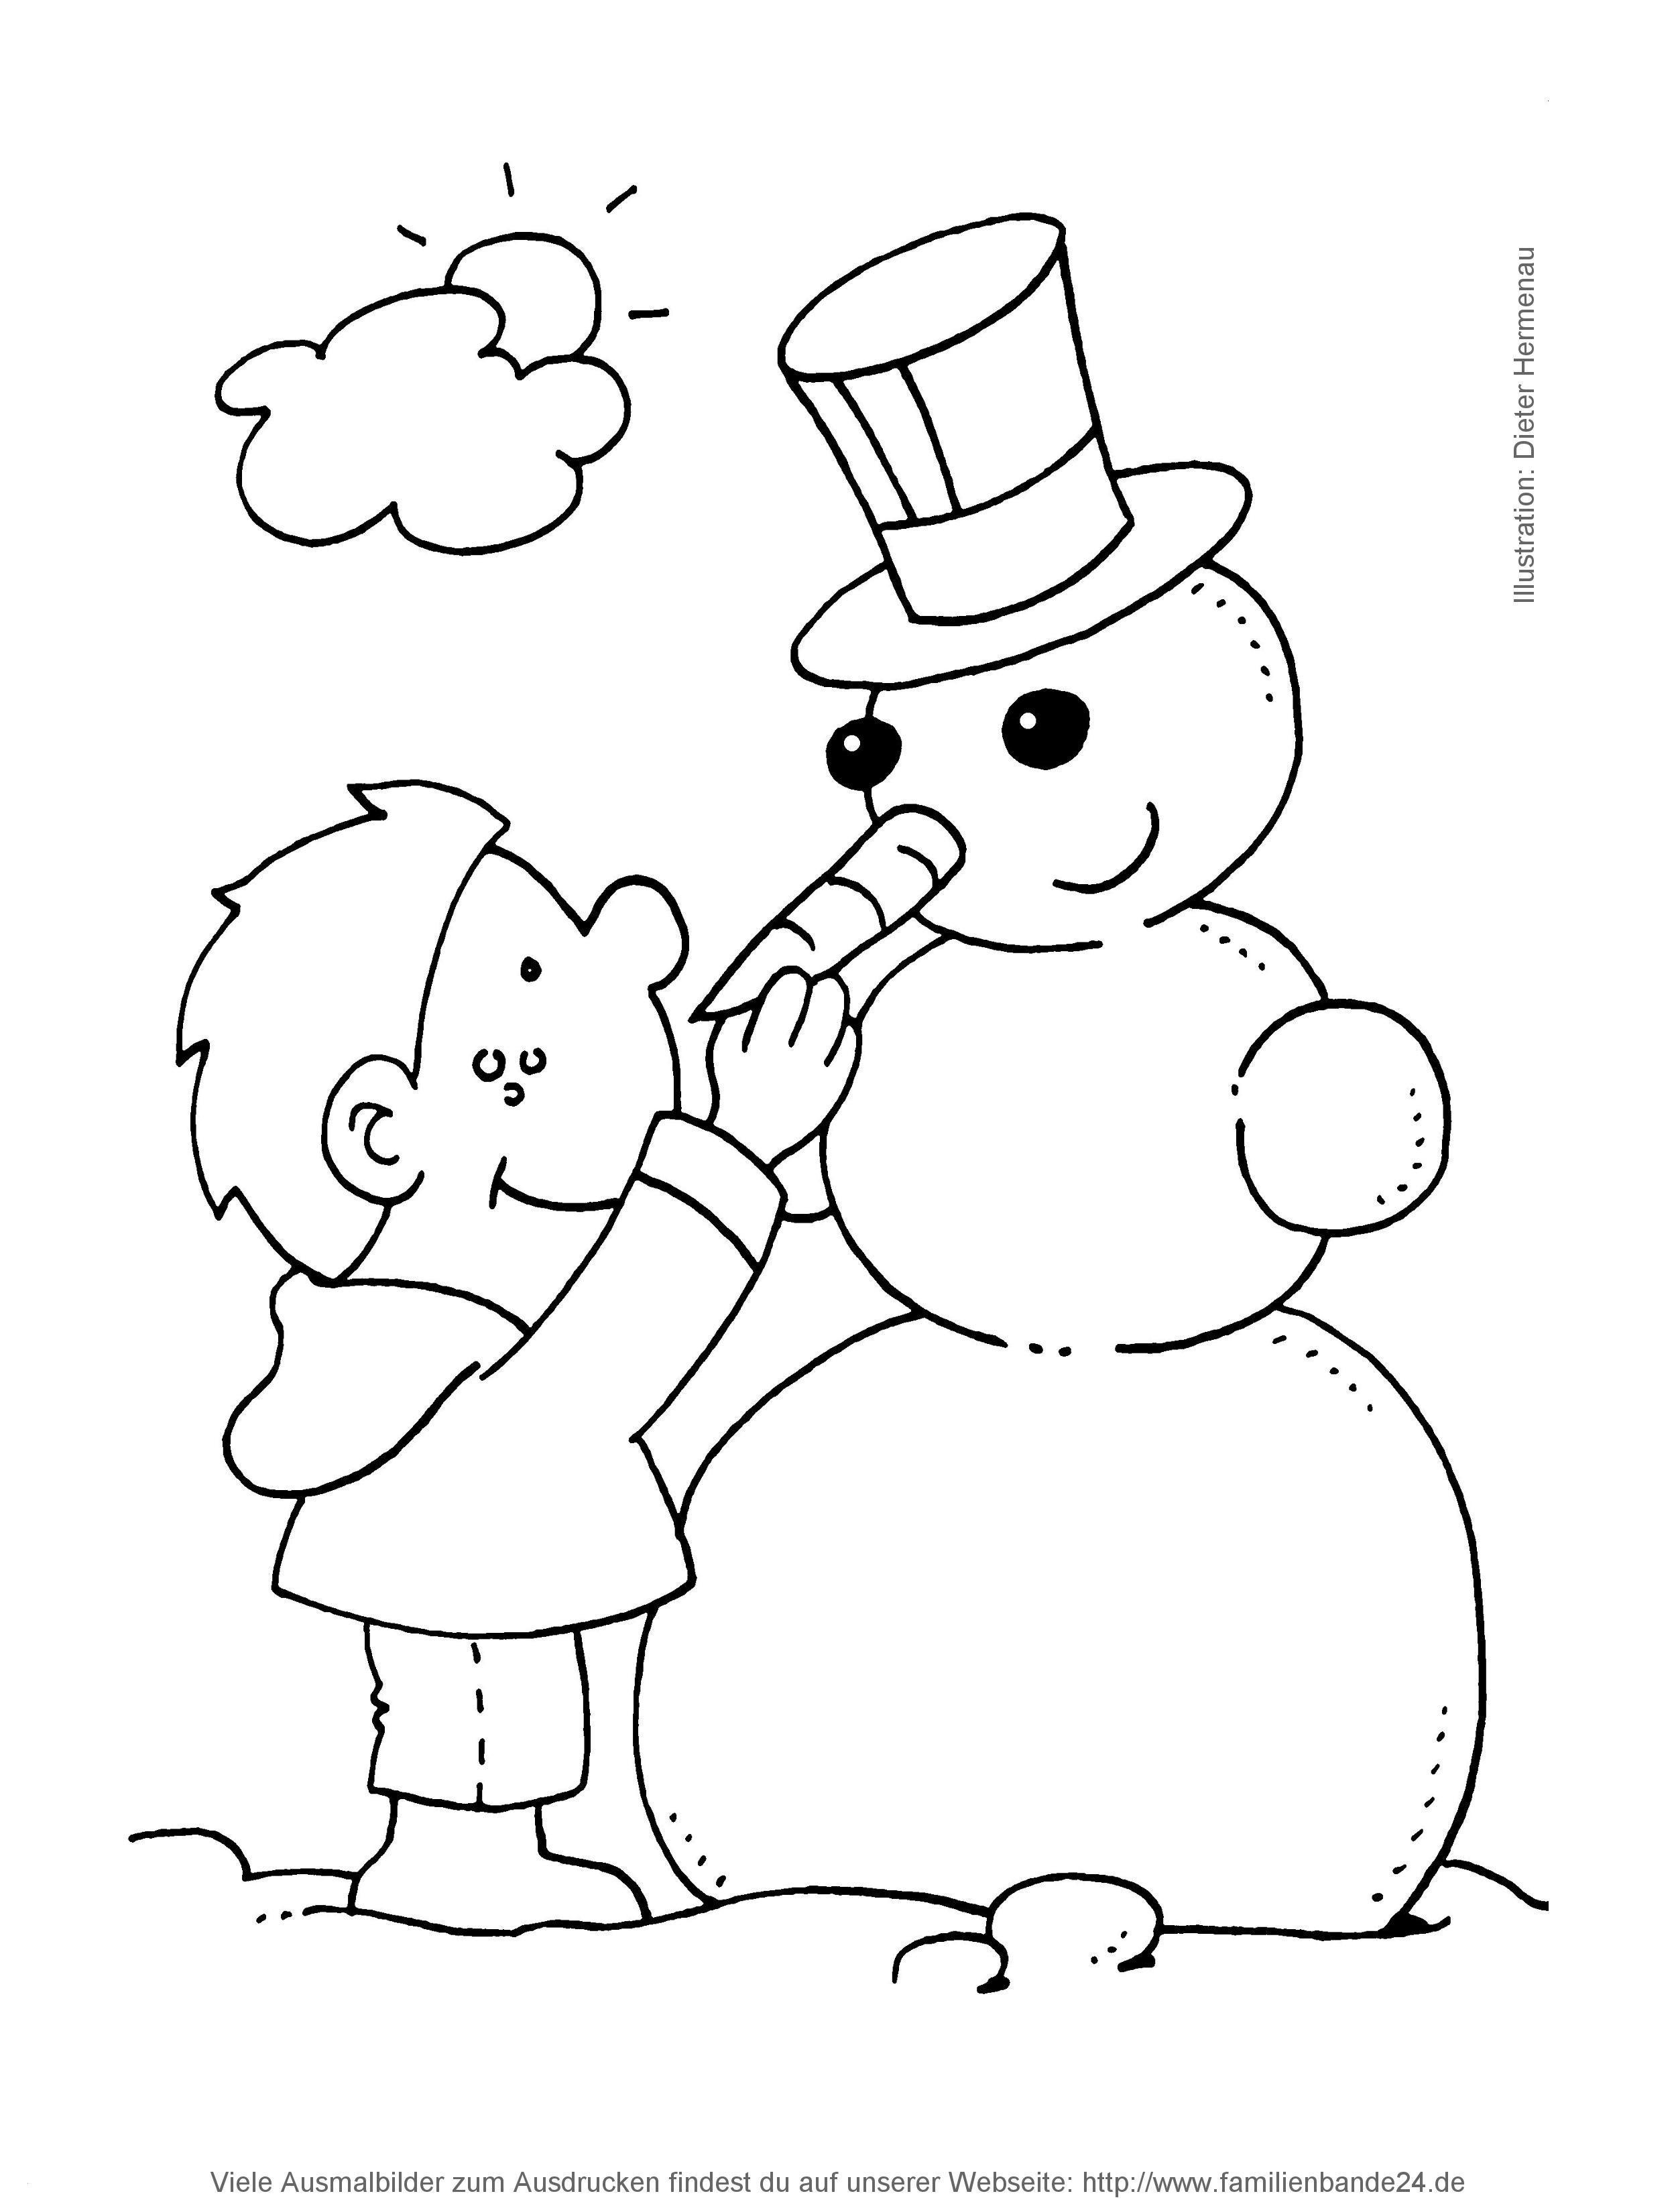 Malvorlagen Weihnachten Schneemann Frisch Ausmalbilder Weihnachten Schneemann Uploadertalk Frisch Weihnachten Stock